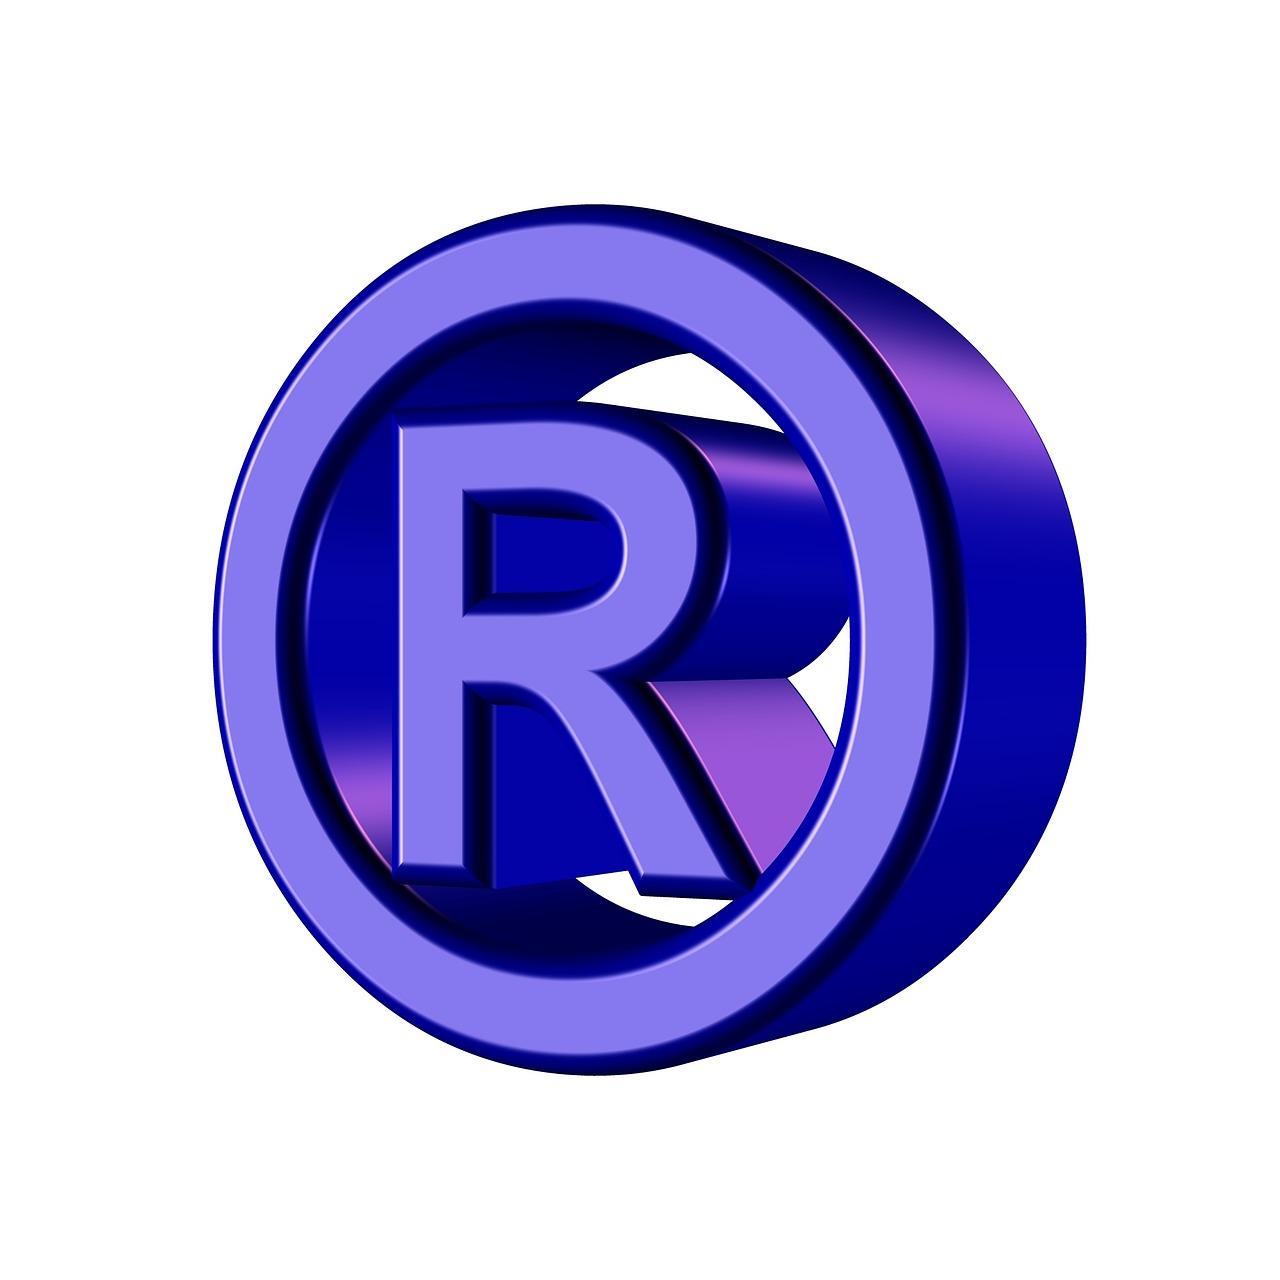 Zúženie ochrany ochranných známok len na používané ochranné známky